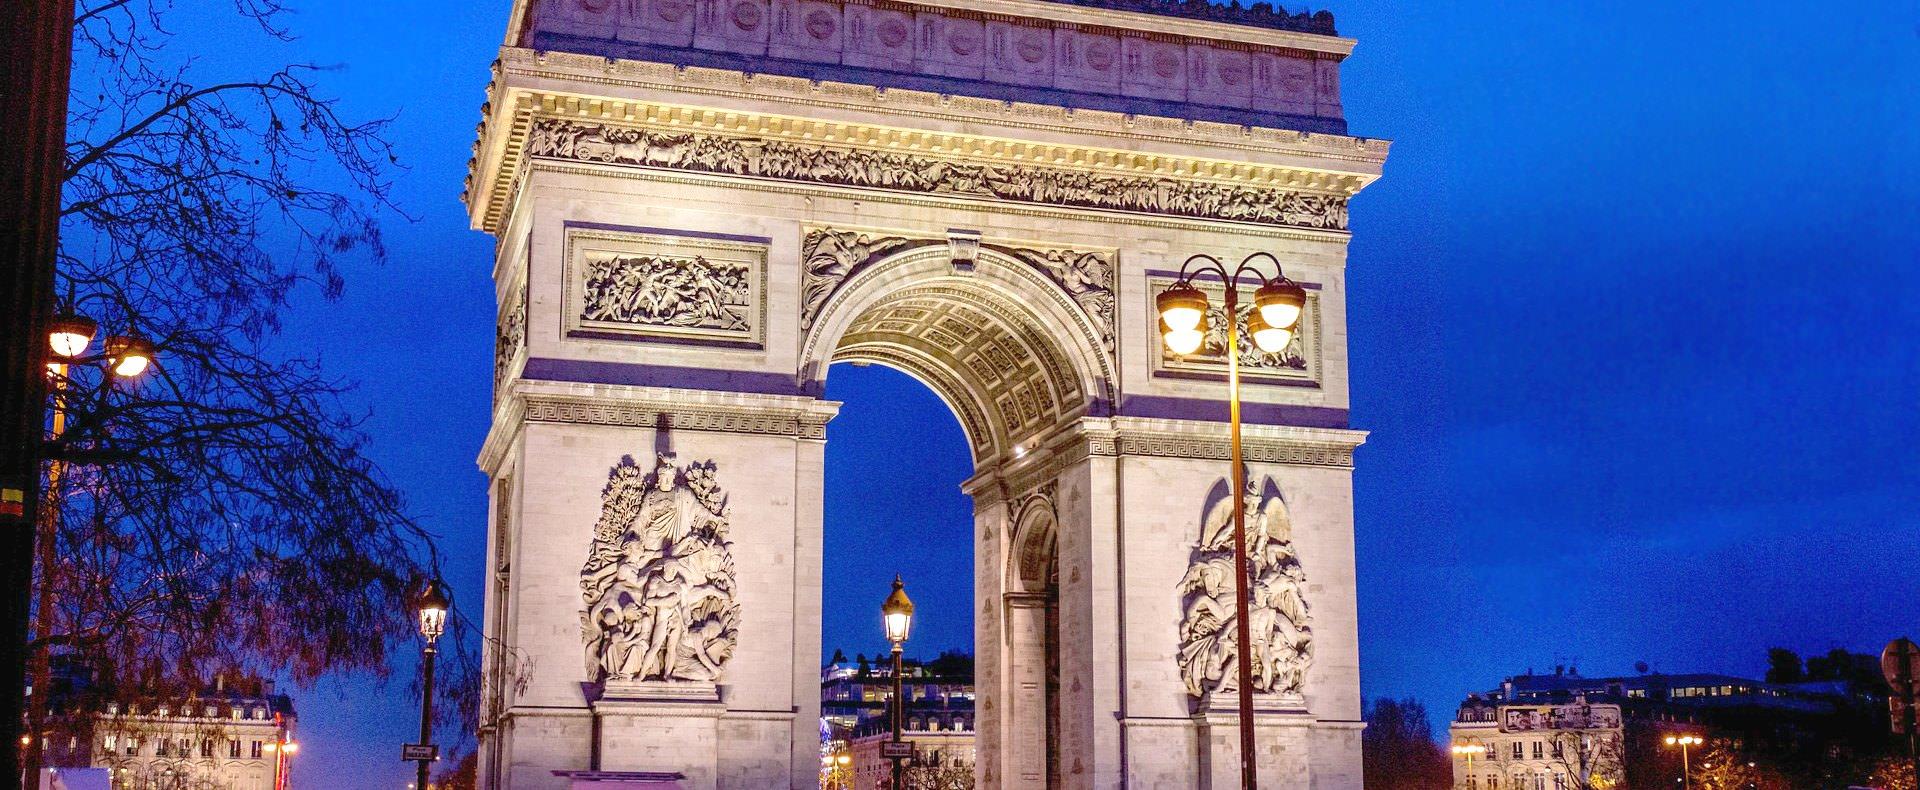 Triumphal Arc, Paris